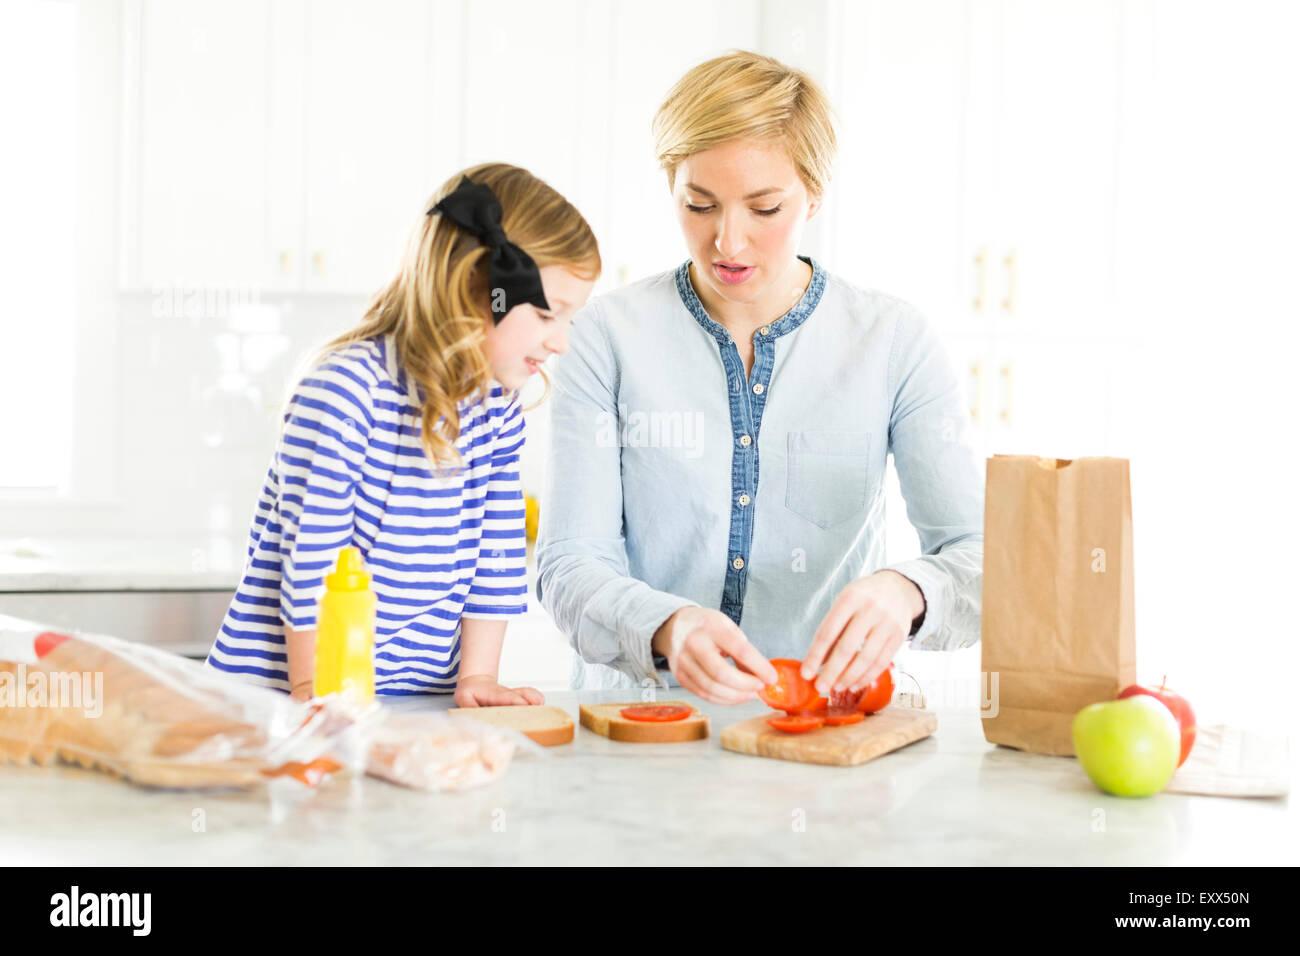 Mère faire des sandwichs pour sa fille (4-5) Photo Stock